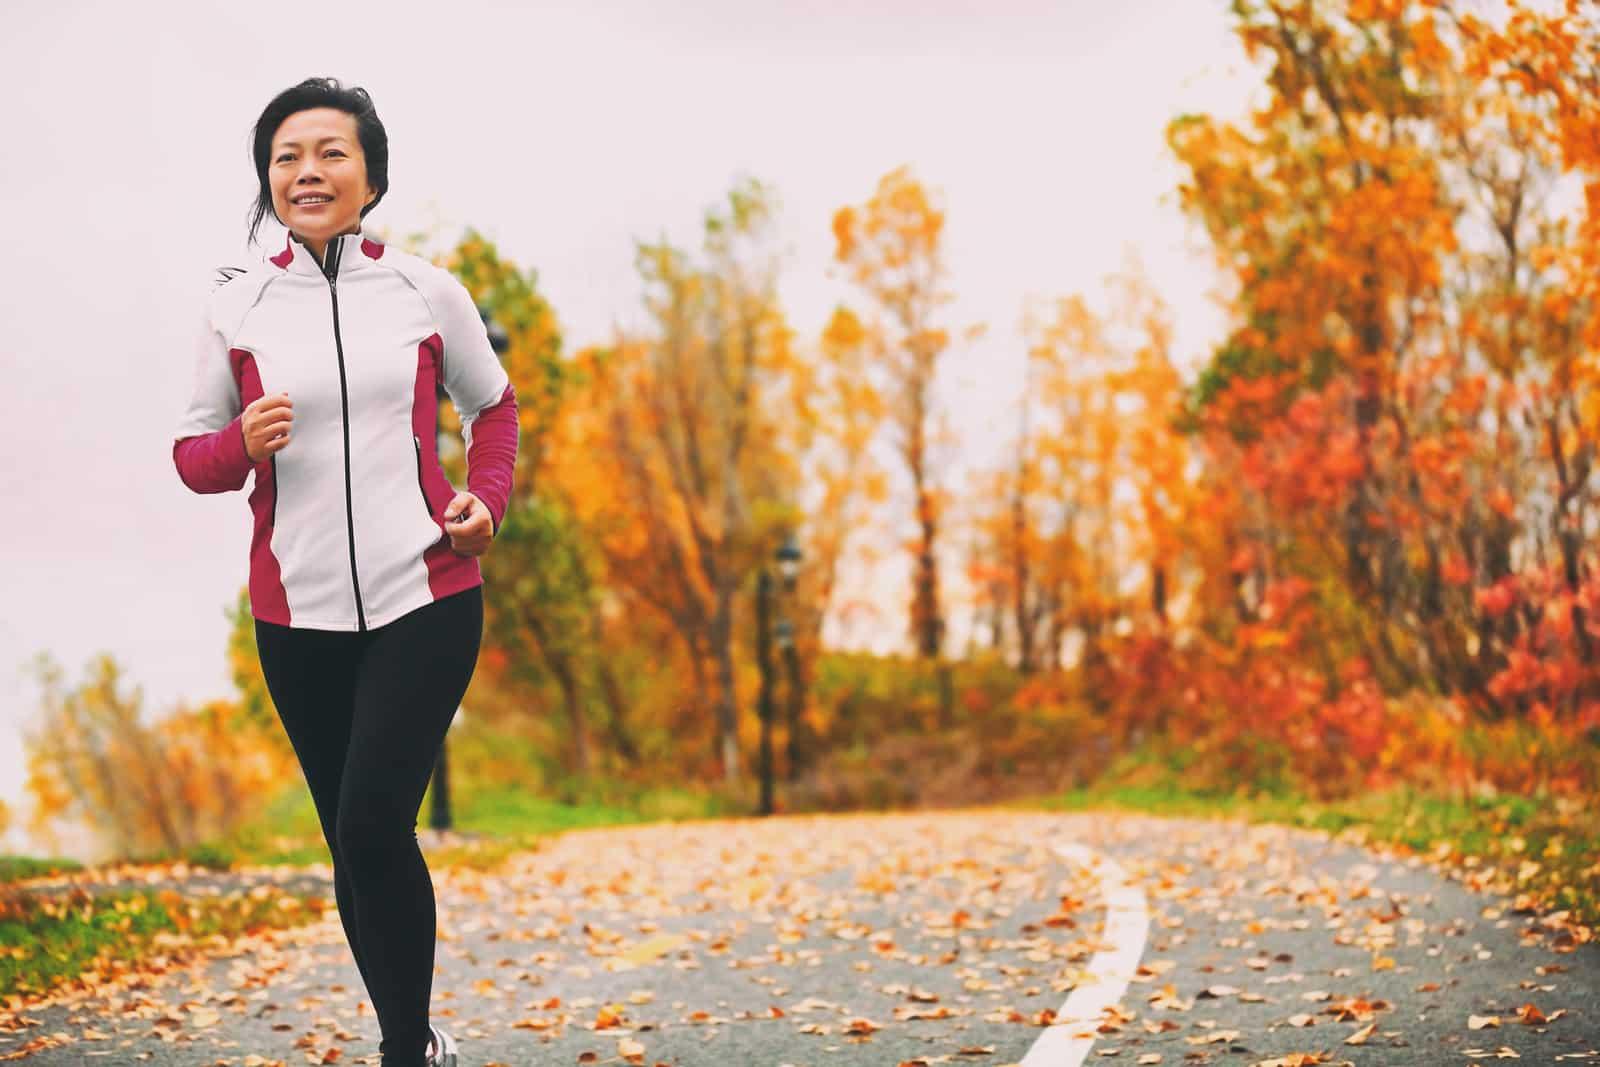 Cardio exercise in perimenopause